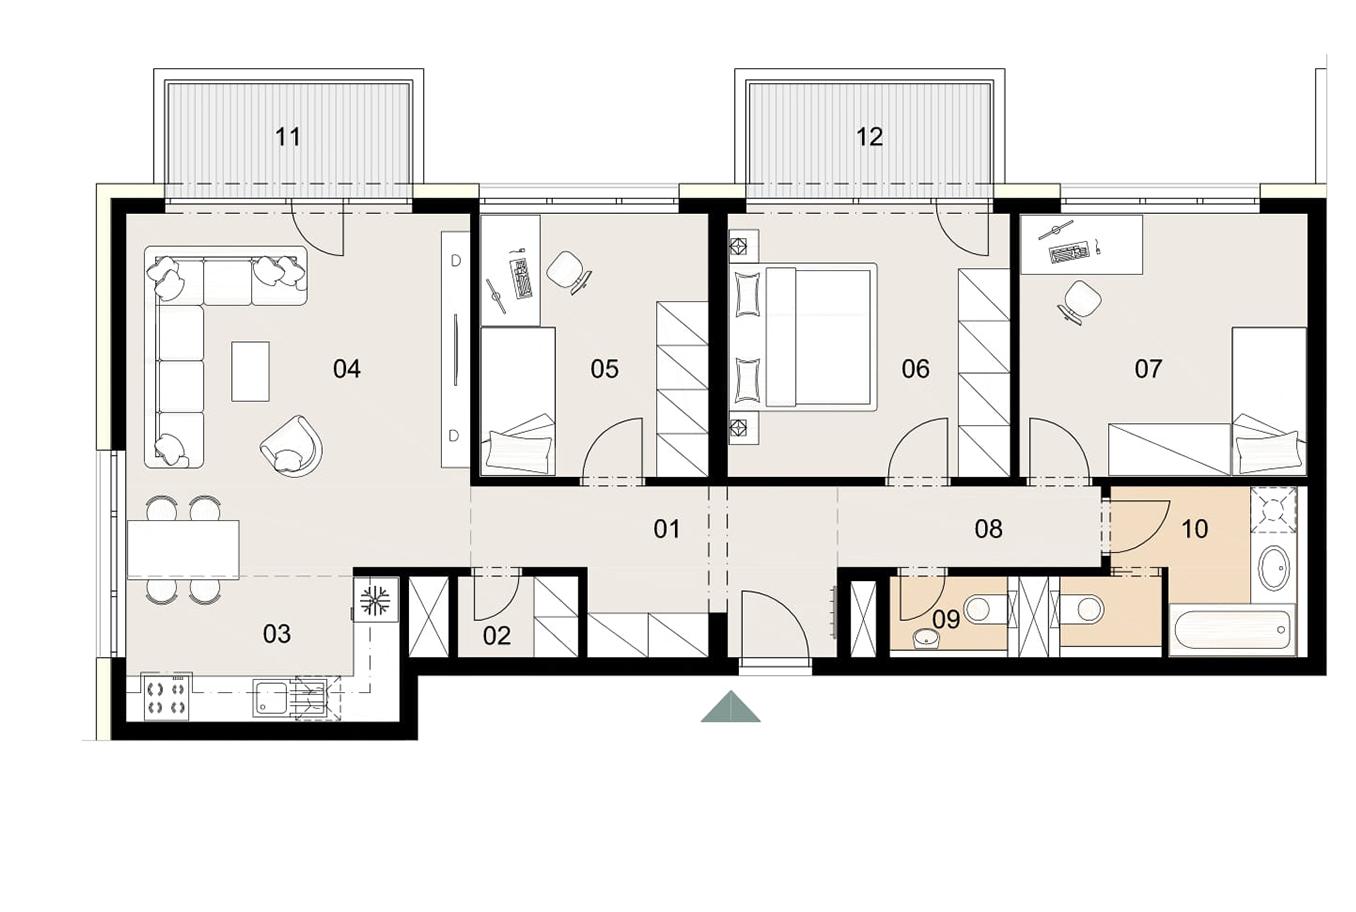 Rosenhaus byt 708, 4-izbový. Novostavba Vrakuňa.